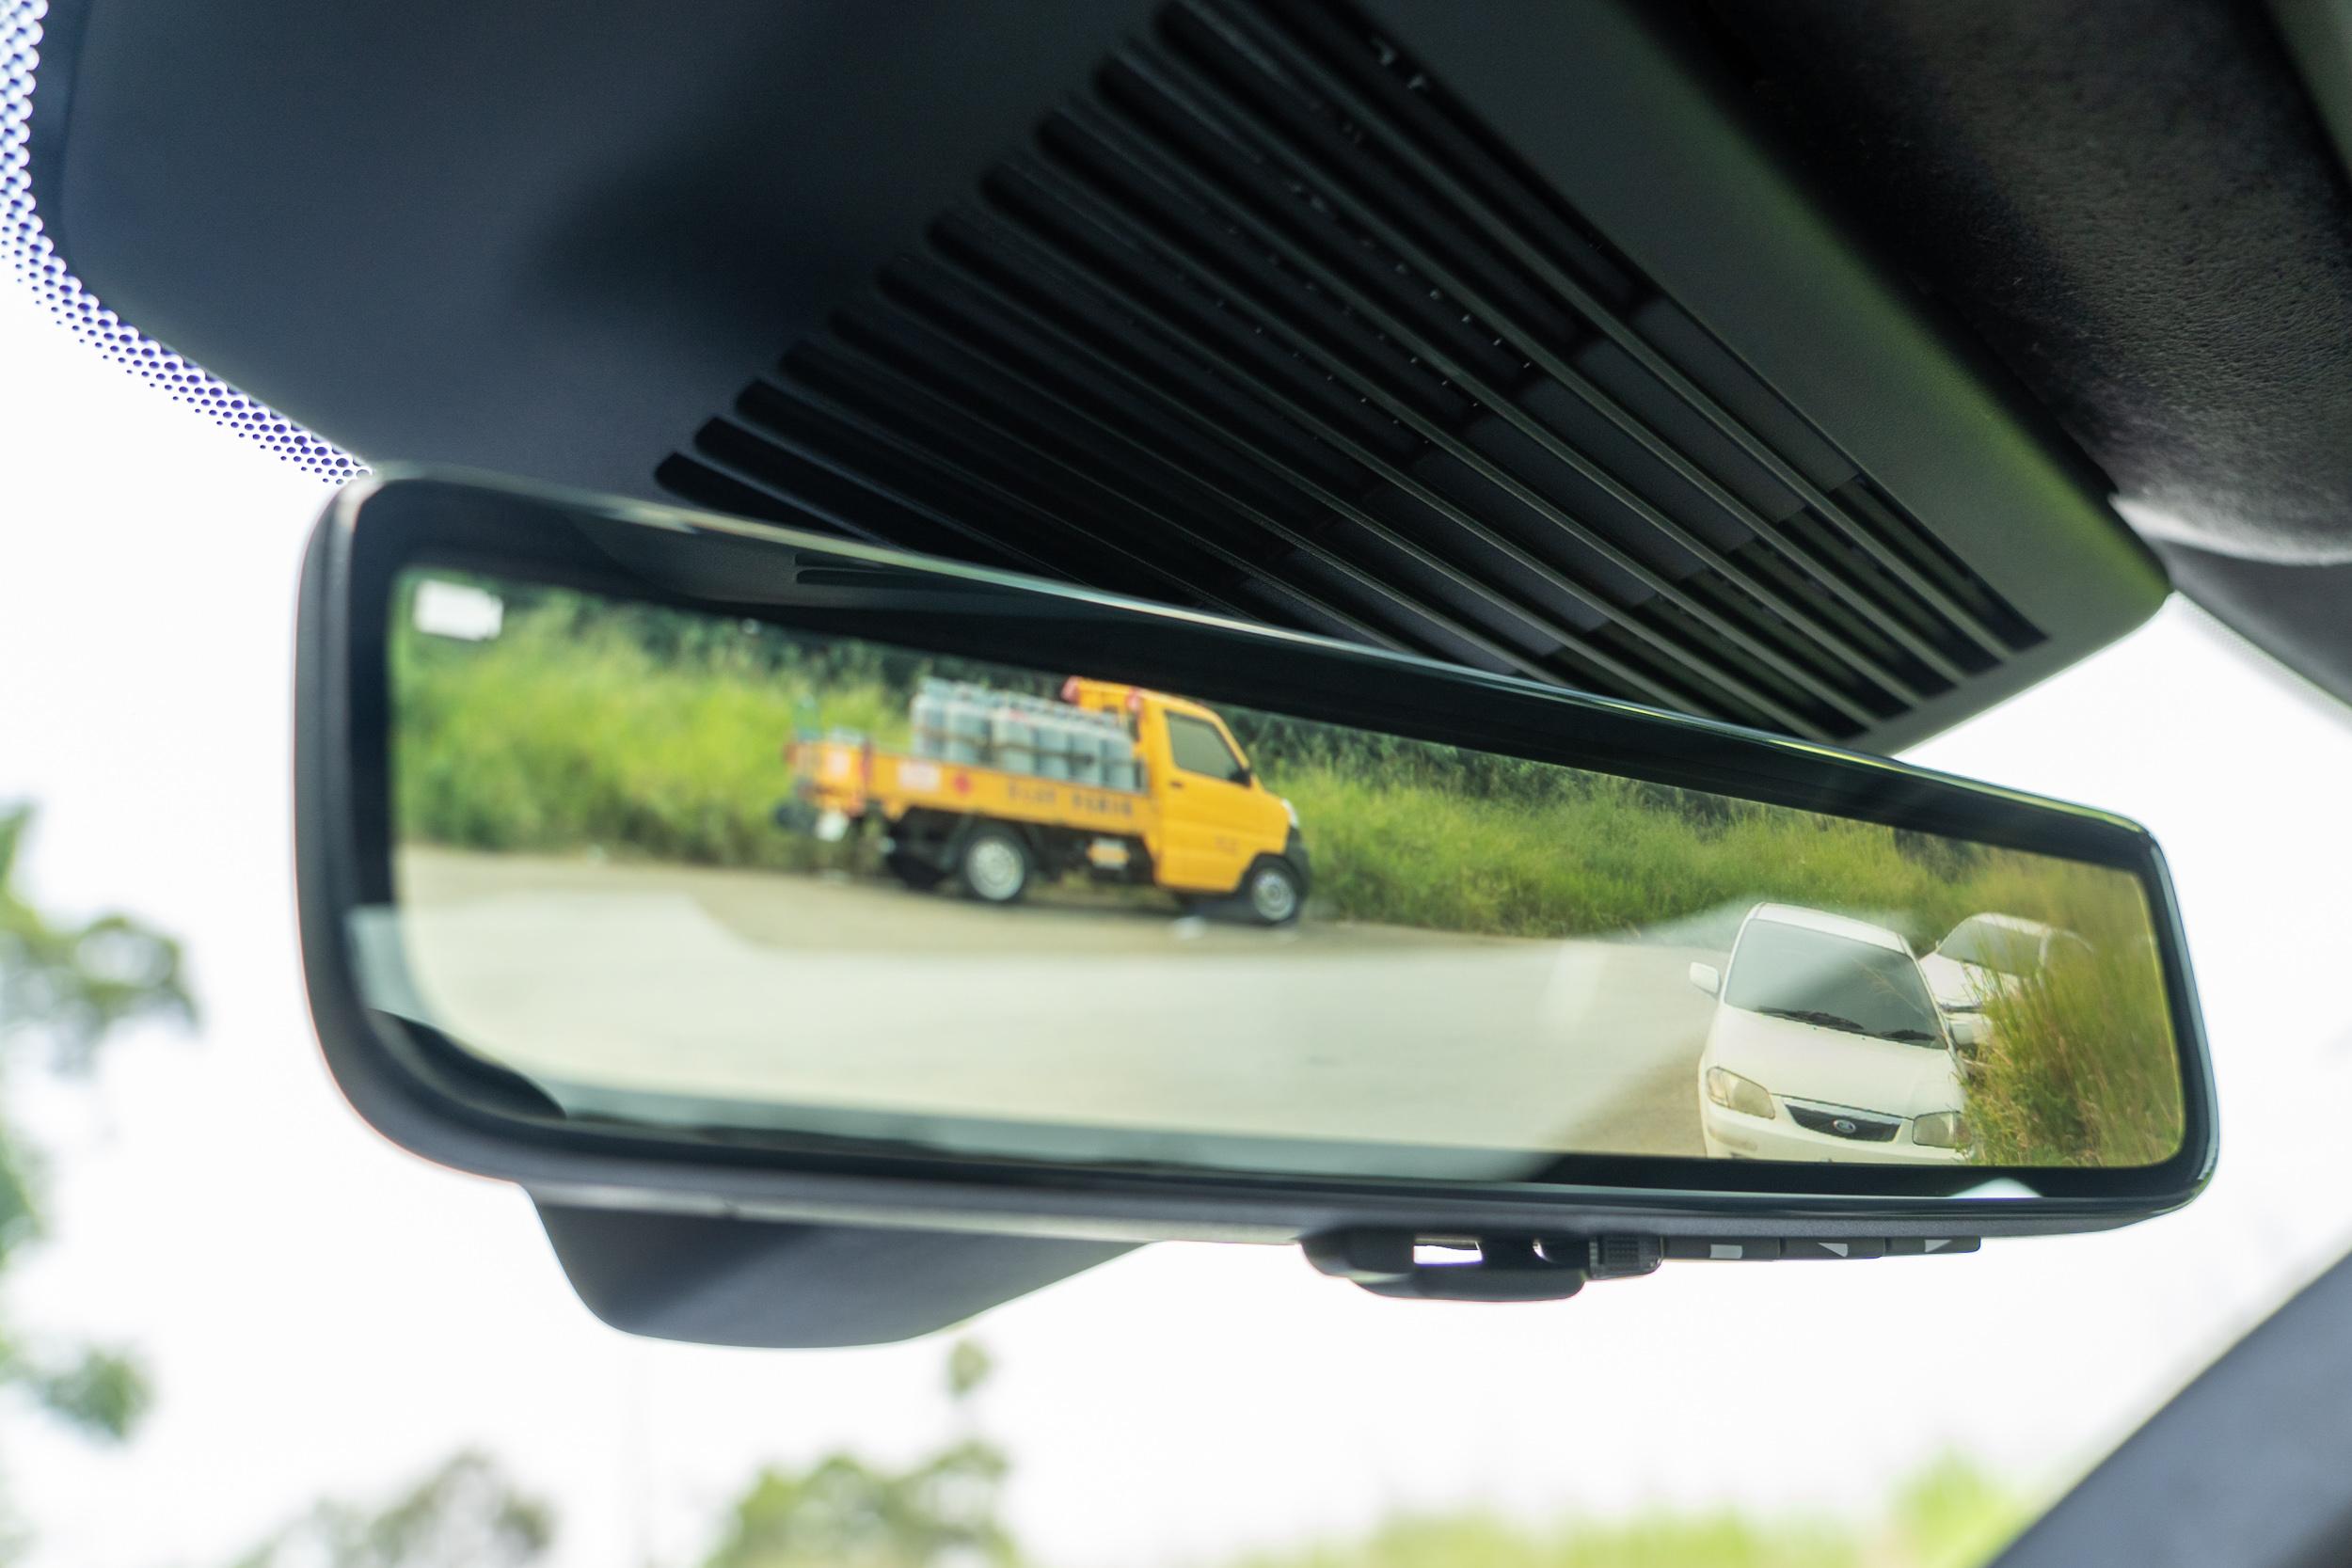 ClearSight 電子車內後視鏡為車系標準配備。